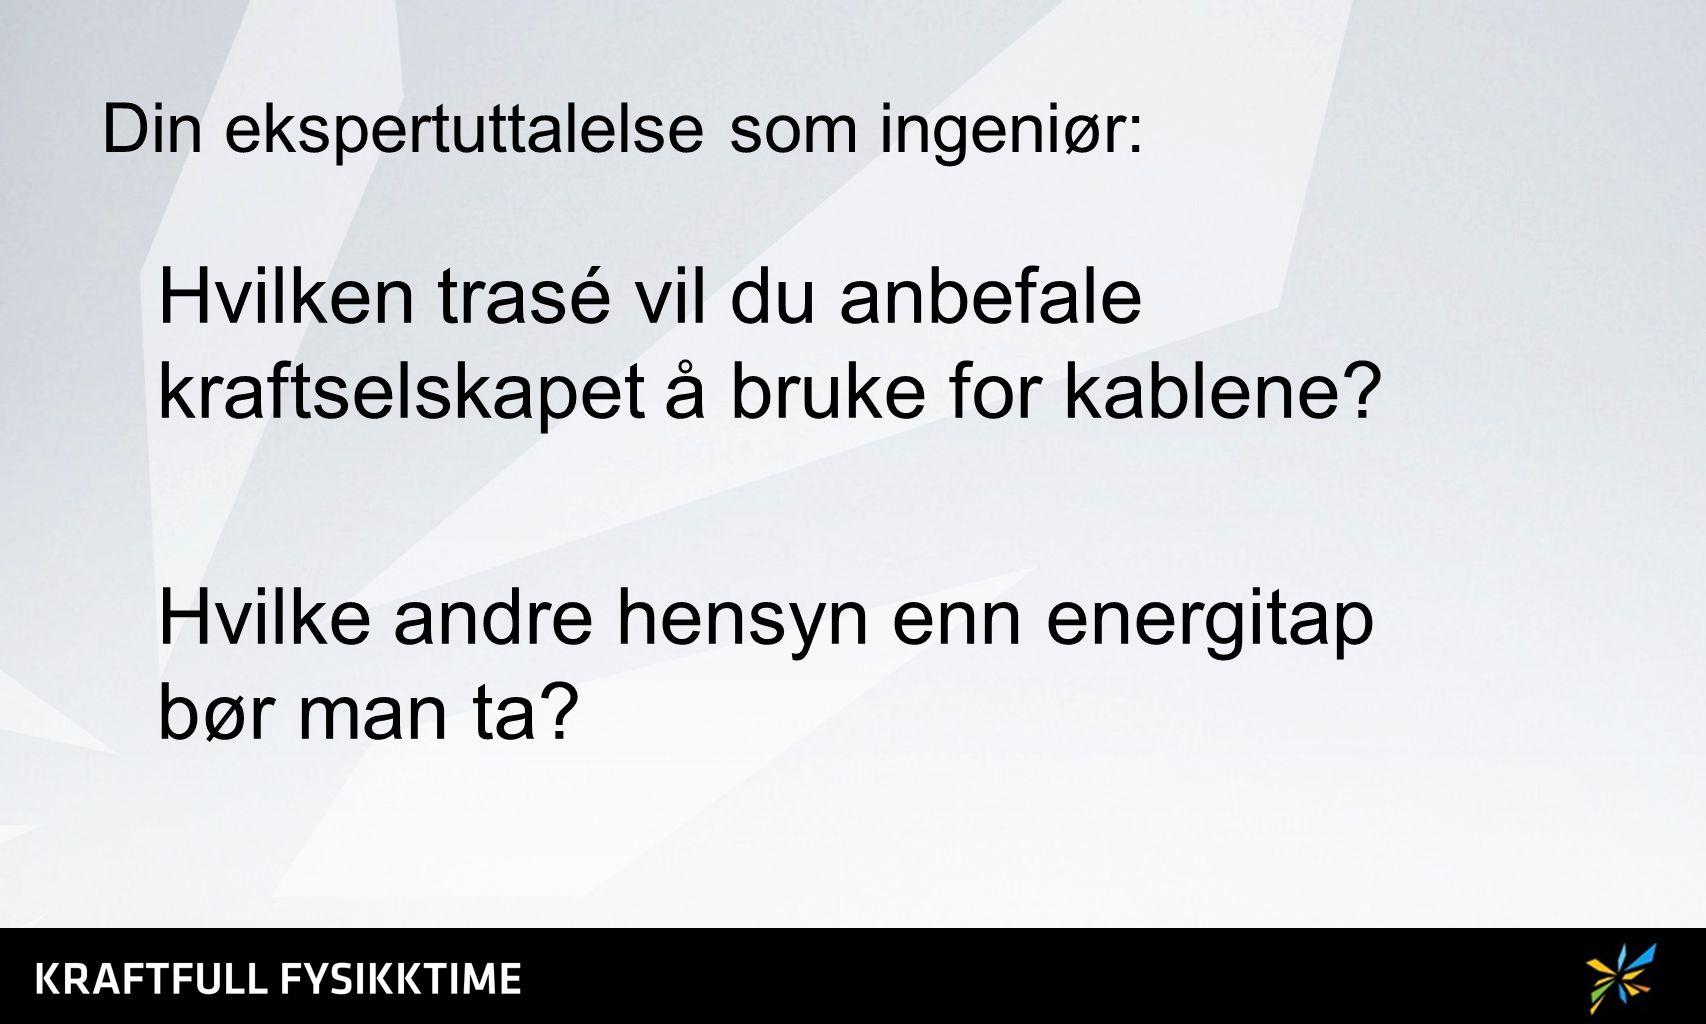 Din ekspertuttalelse som ingeniør: Hvilken trasé vil du anbefale kraftselskapet å bruke for kablene? Hvilke andre hensyn enn energitap bør man ta?